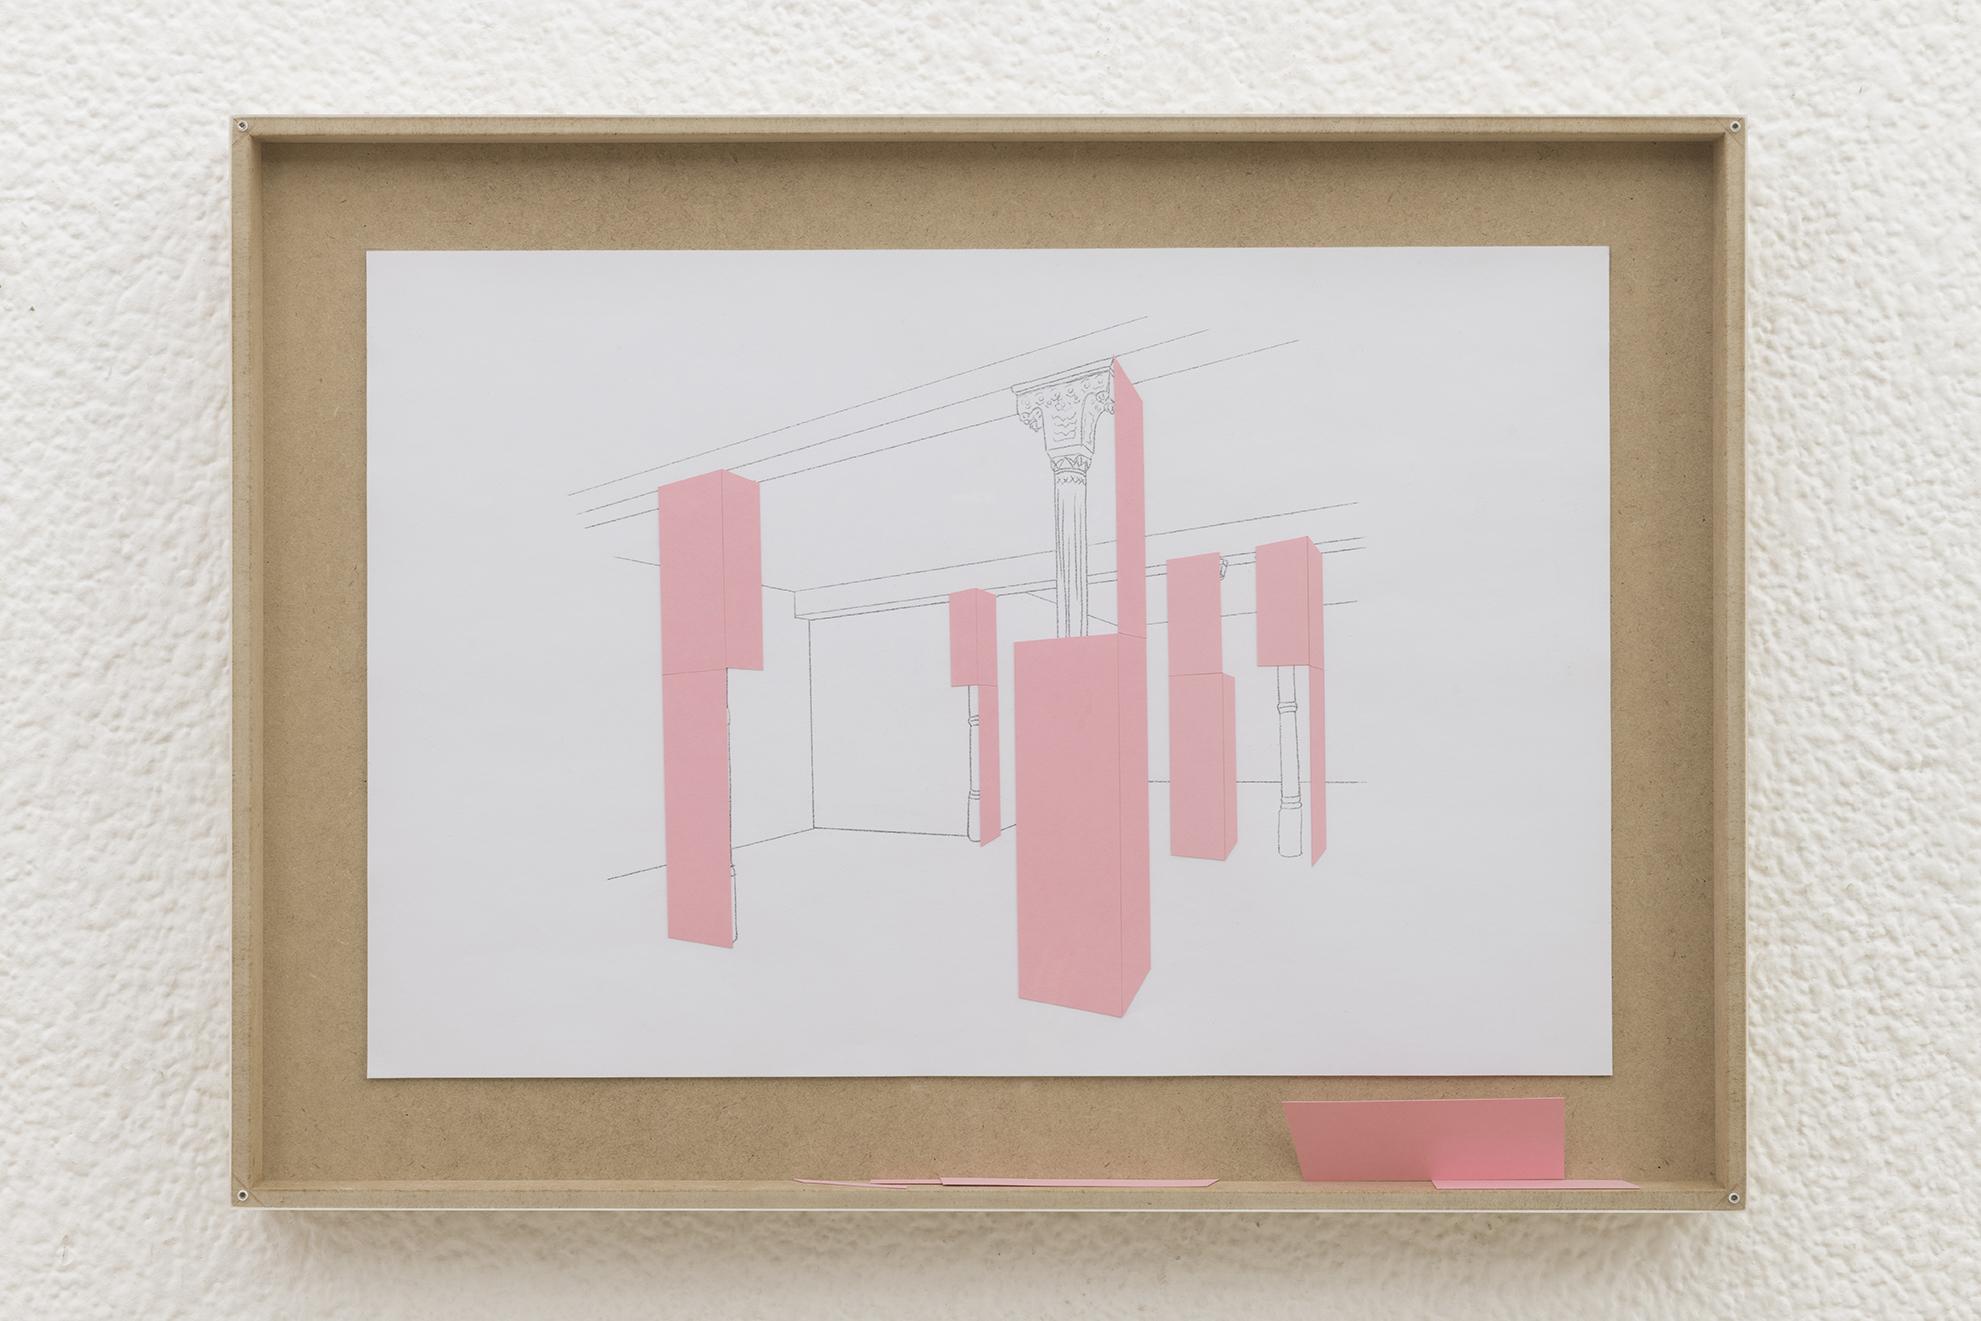 Новая художественная галерея в Барселоне: свежий взгляд на выставочное пространство